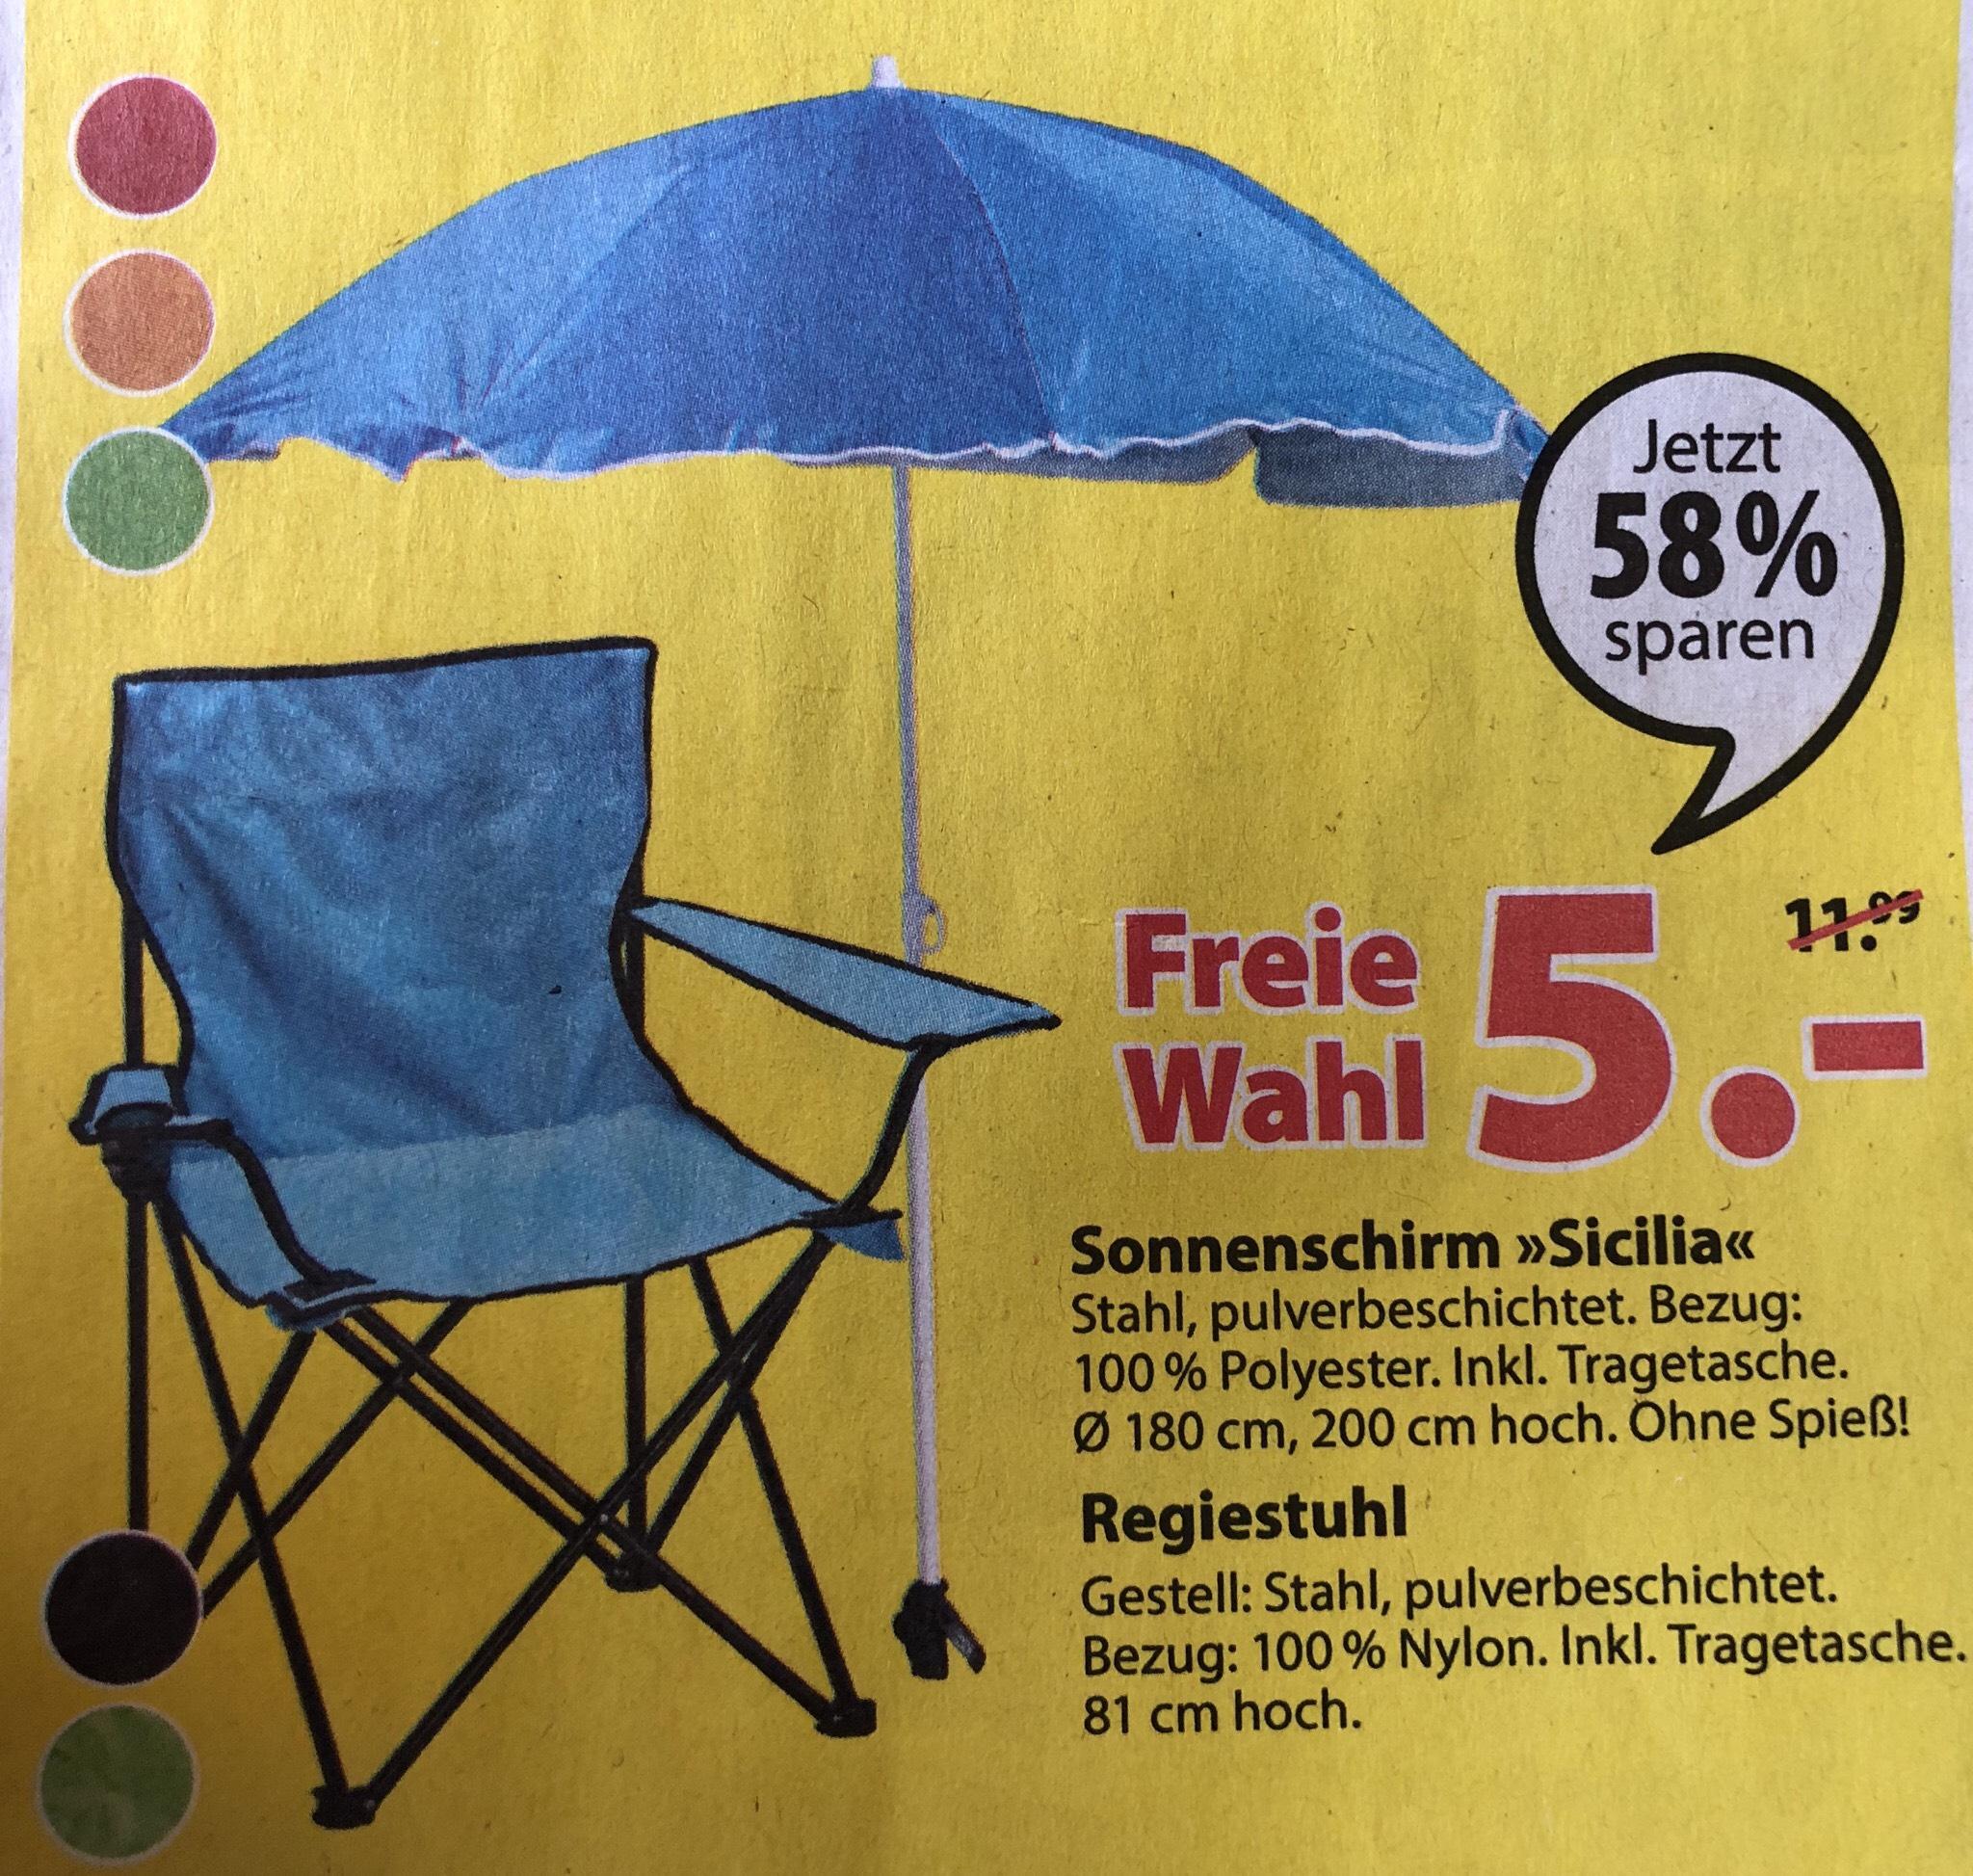 Campingstuhl oder Sonnenschirm für 5€ im Dänischen Bettenlager